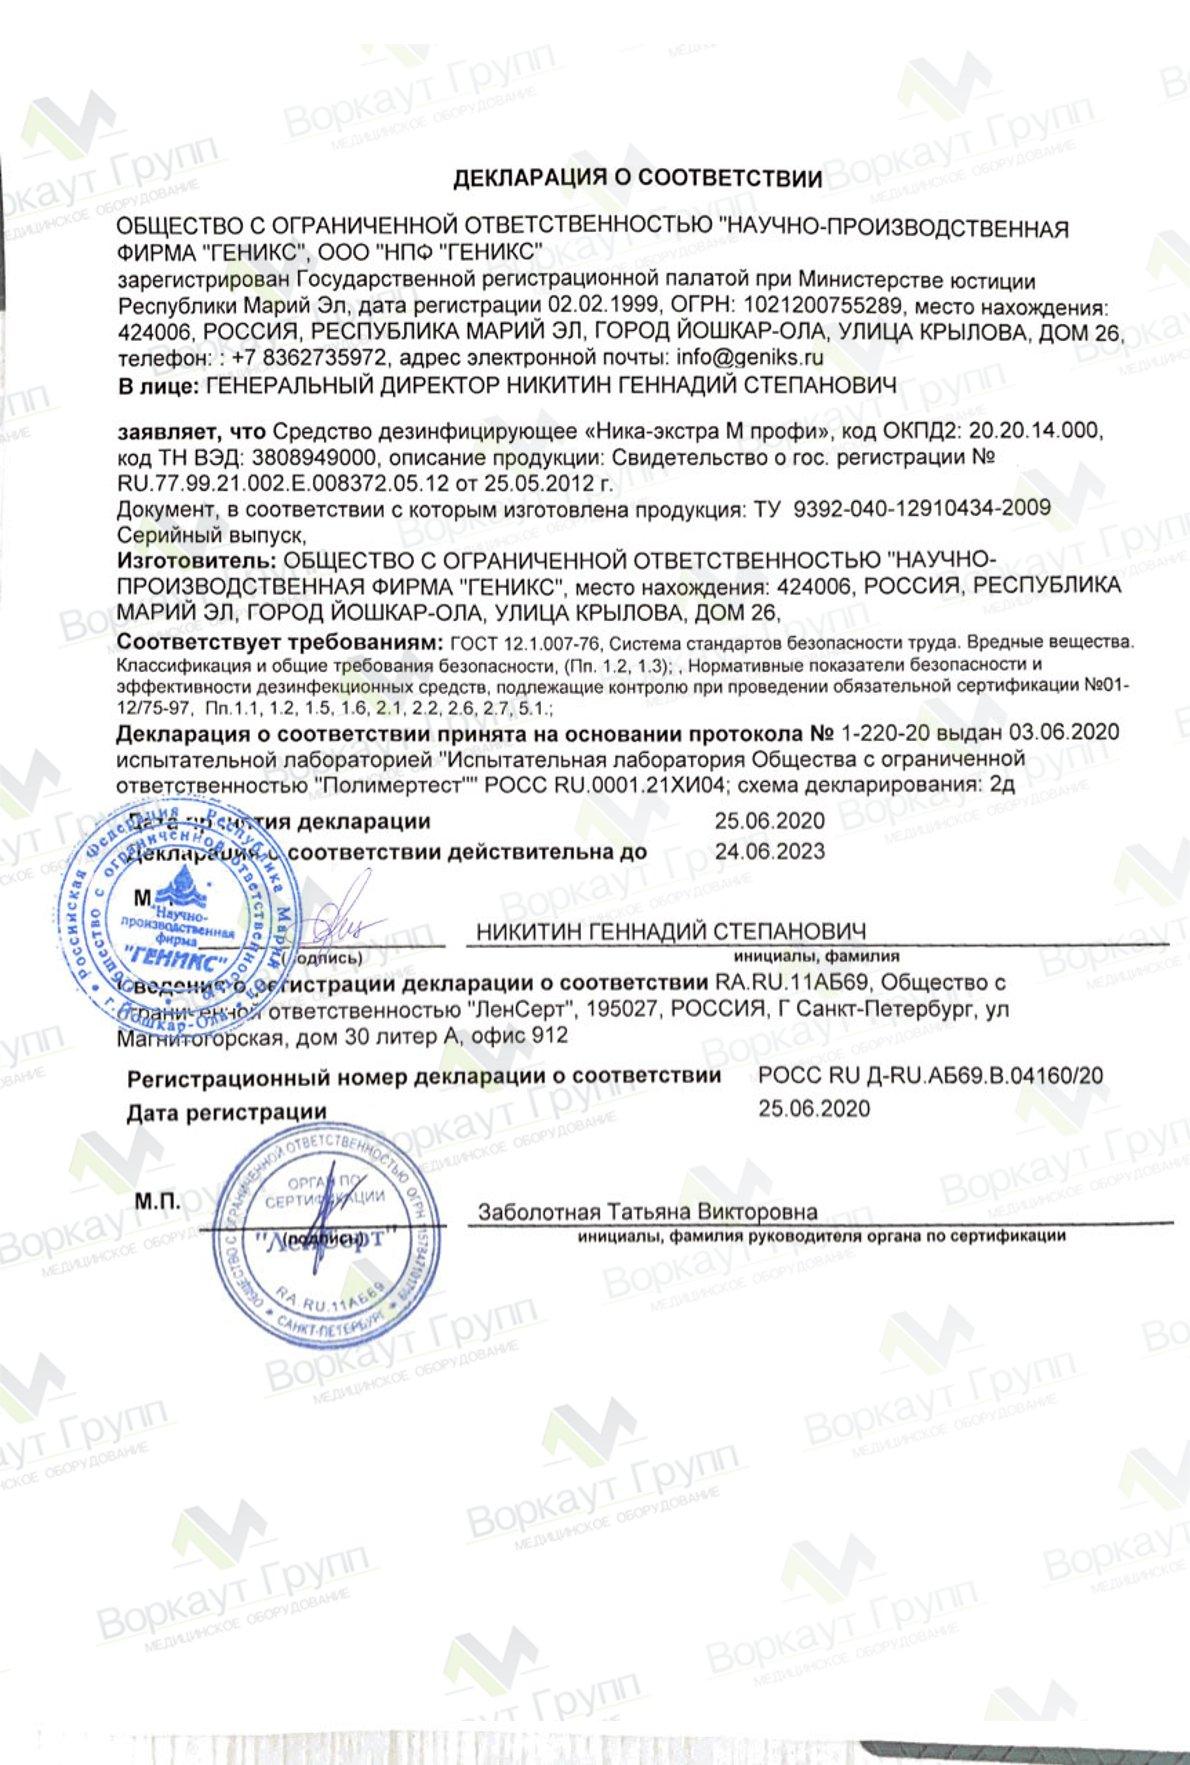 Ника Экстра М Профи (декларация)